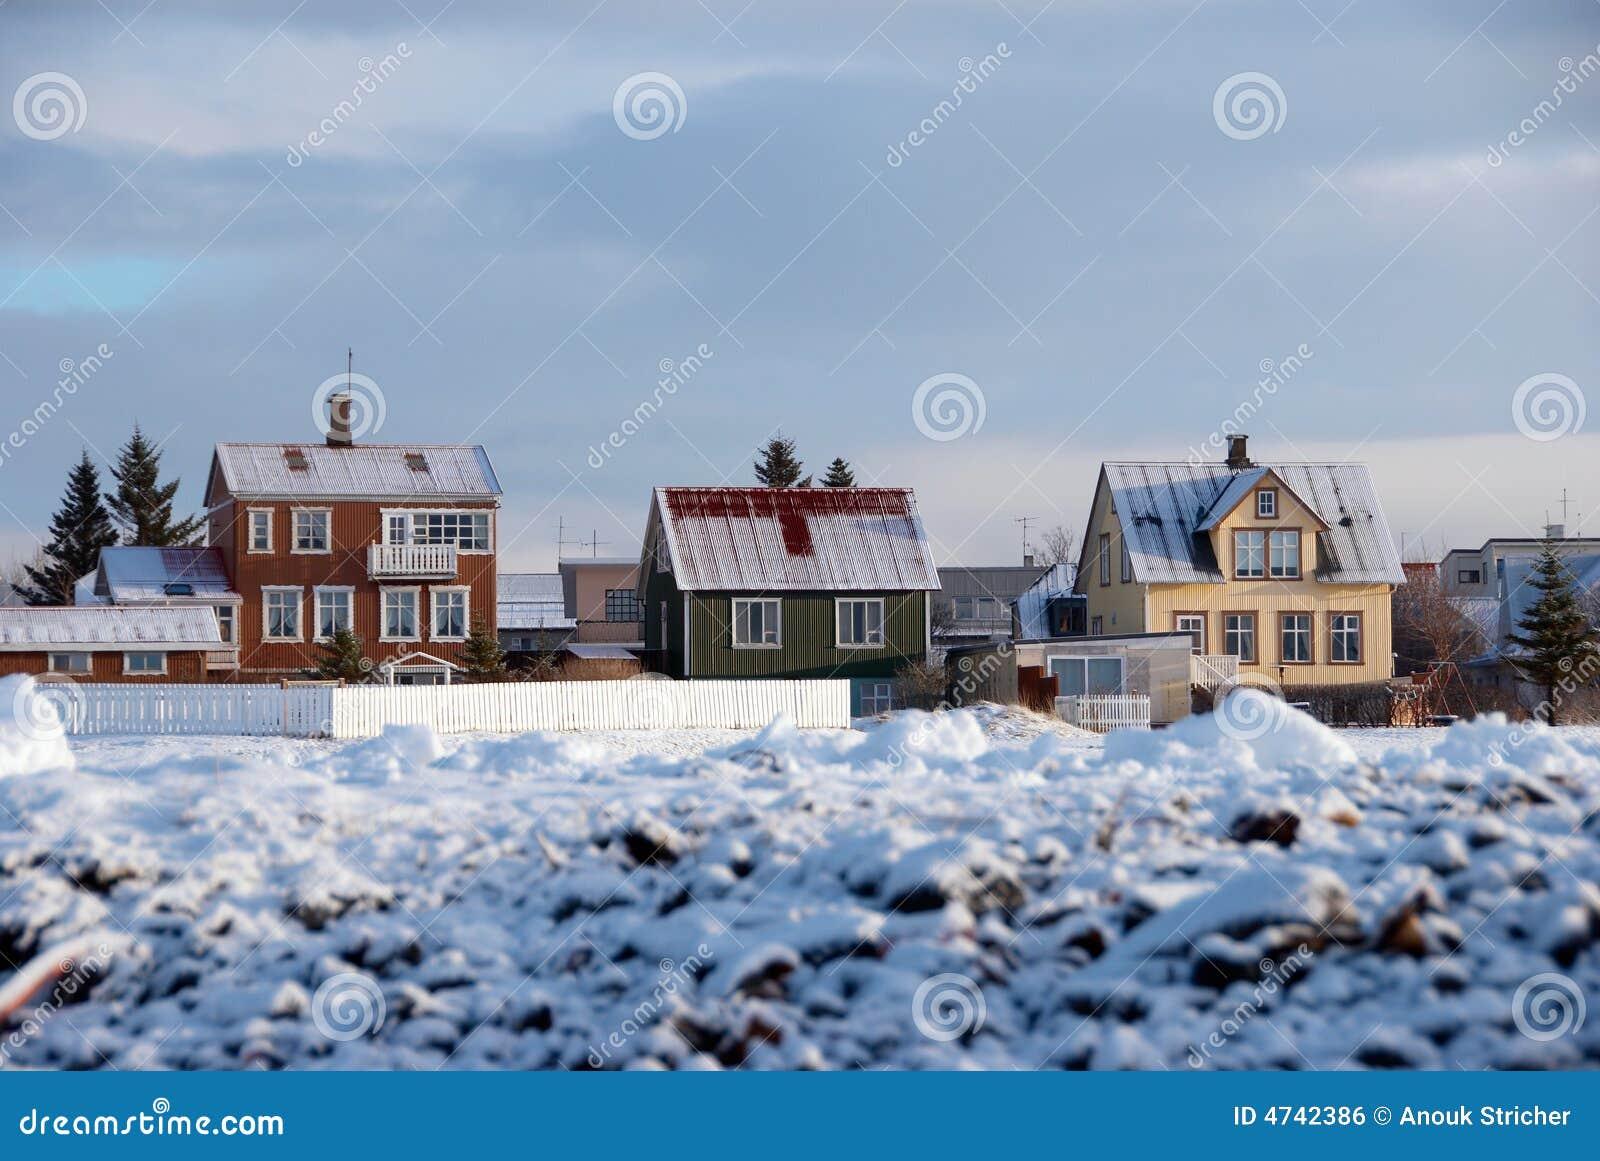 Les maisons de l 39 islande photo stock image du couleur - Maison de l islande paris ...